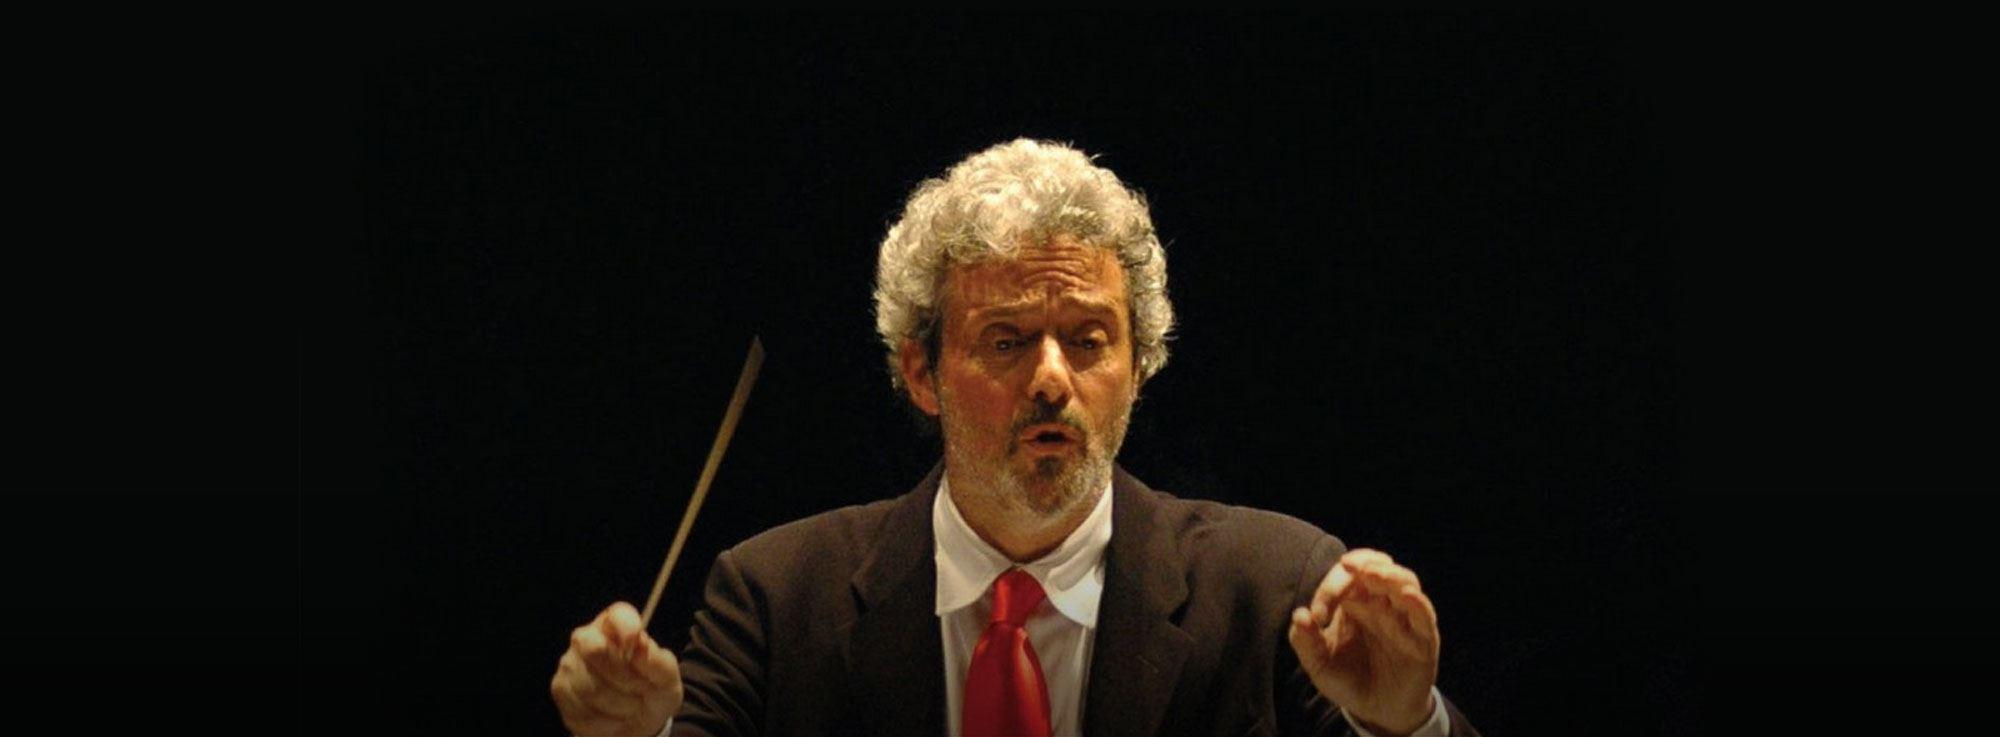 Bisceglie: La musica è pericolosa, di Nicola Piovani